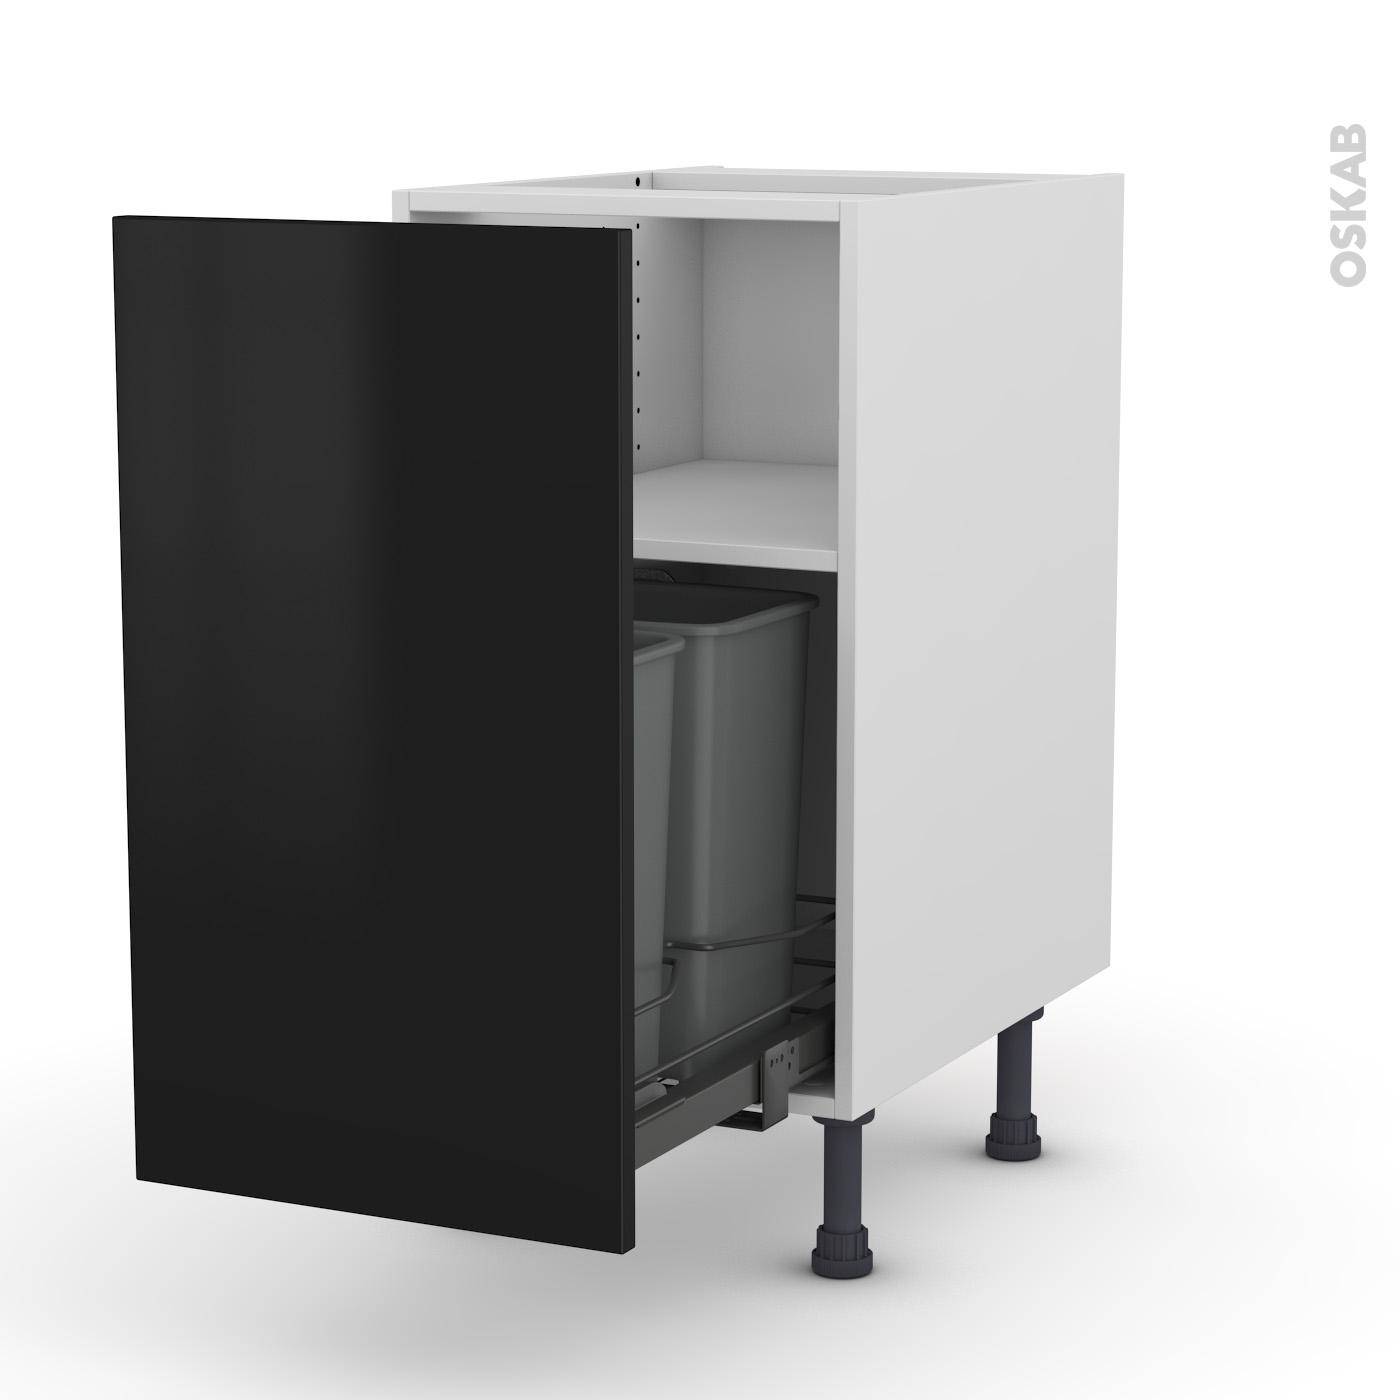 Meuble de cuisine Poubelle coulissante GINKO Noir, 11 porte, L11 x H11 x P11  cm